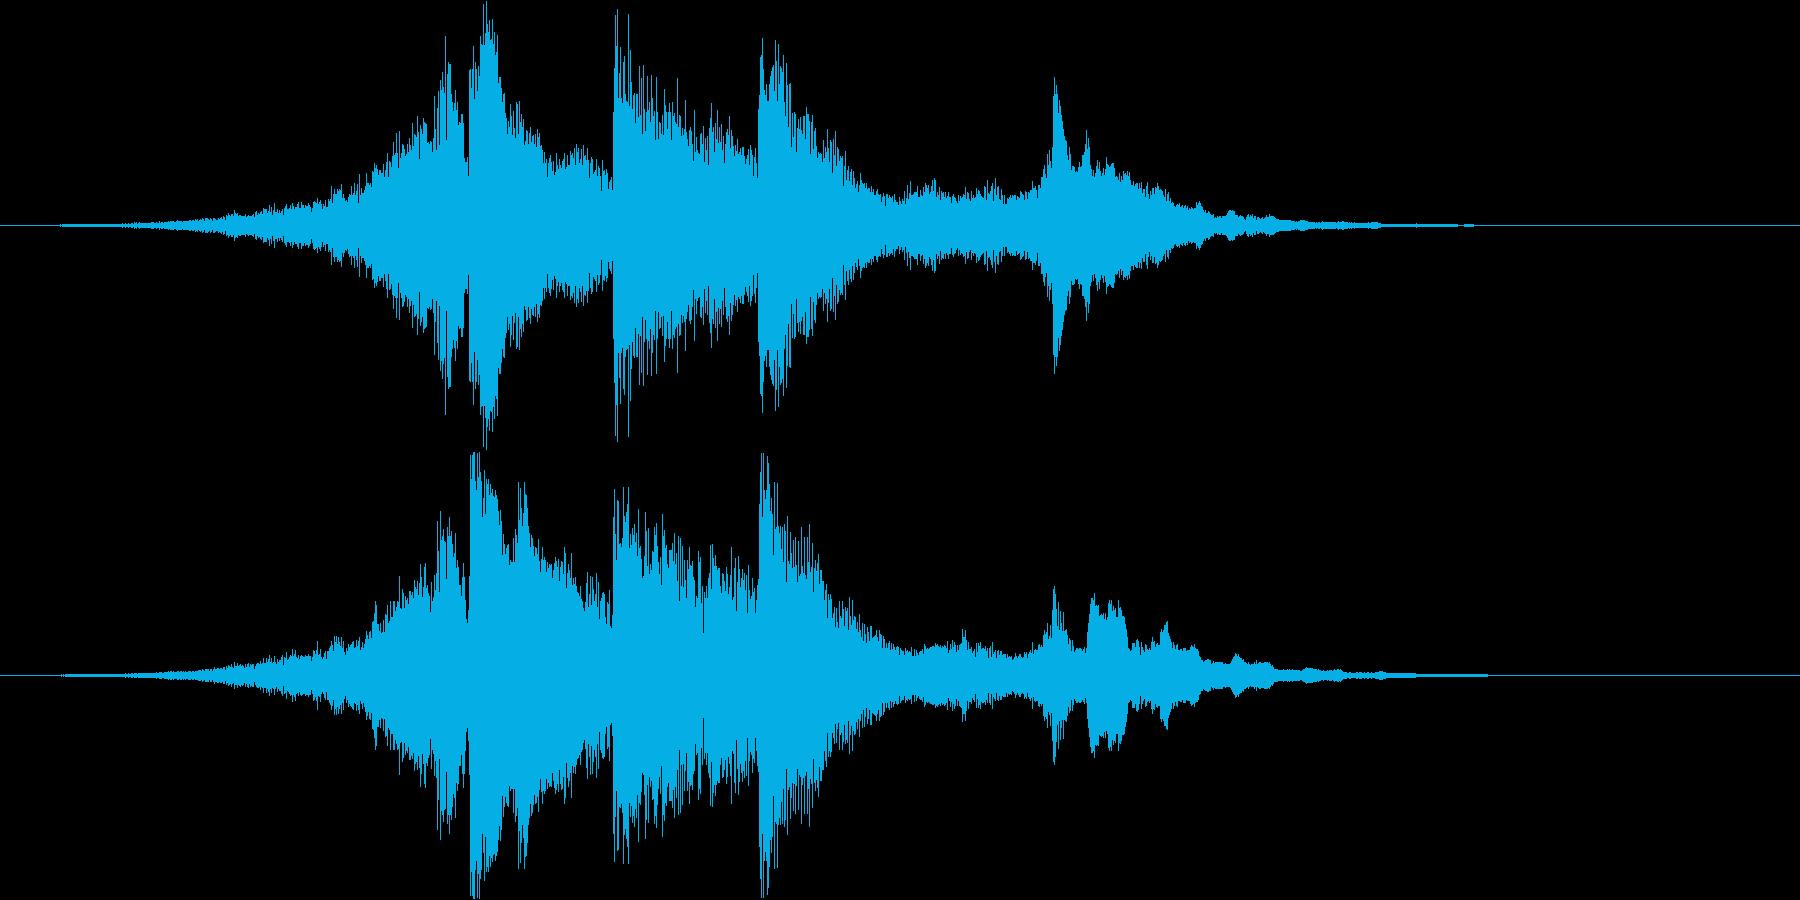 アコギとピアノで奏でるジングル#3の再生済みの波形